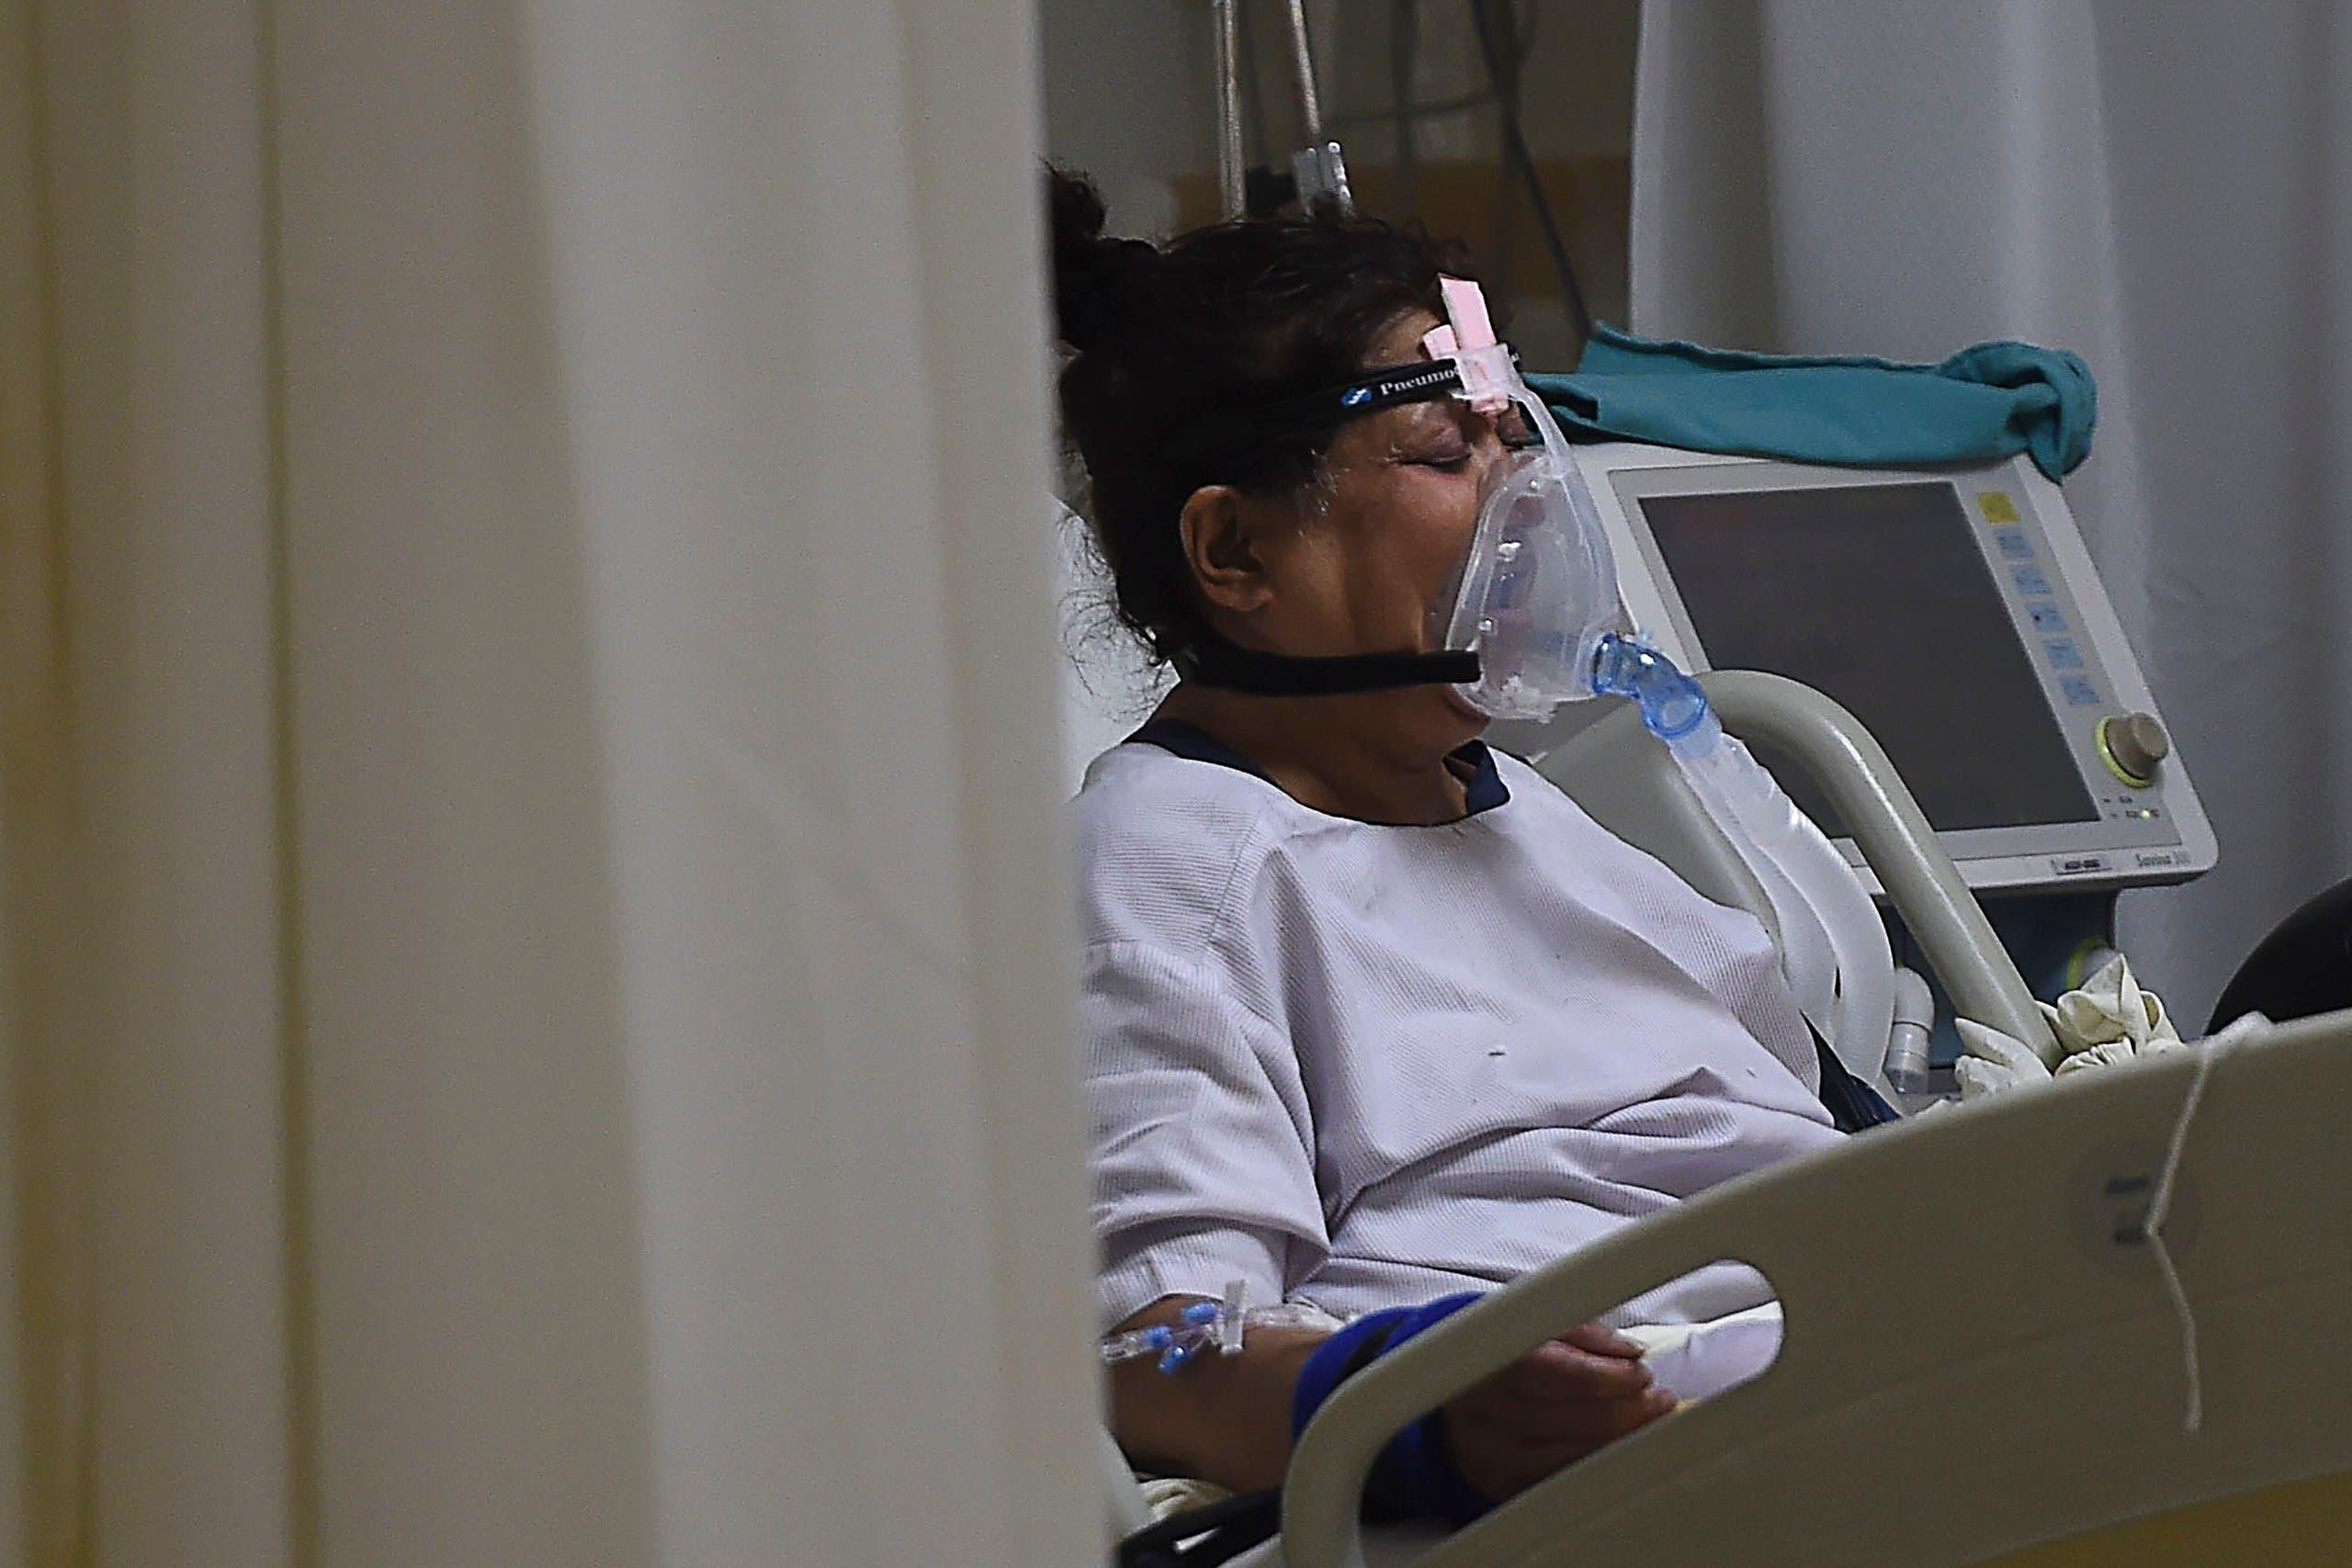 مريضة مصابة بكورونا في مستشفى بالهند (أرشيفية)